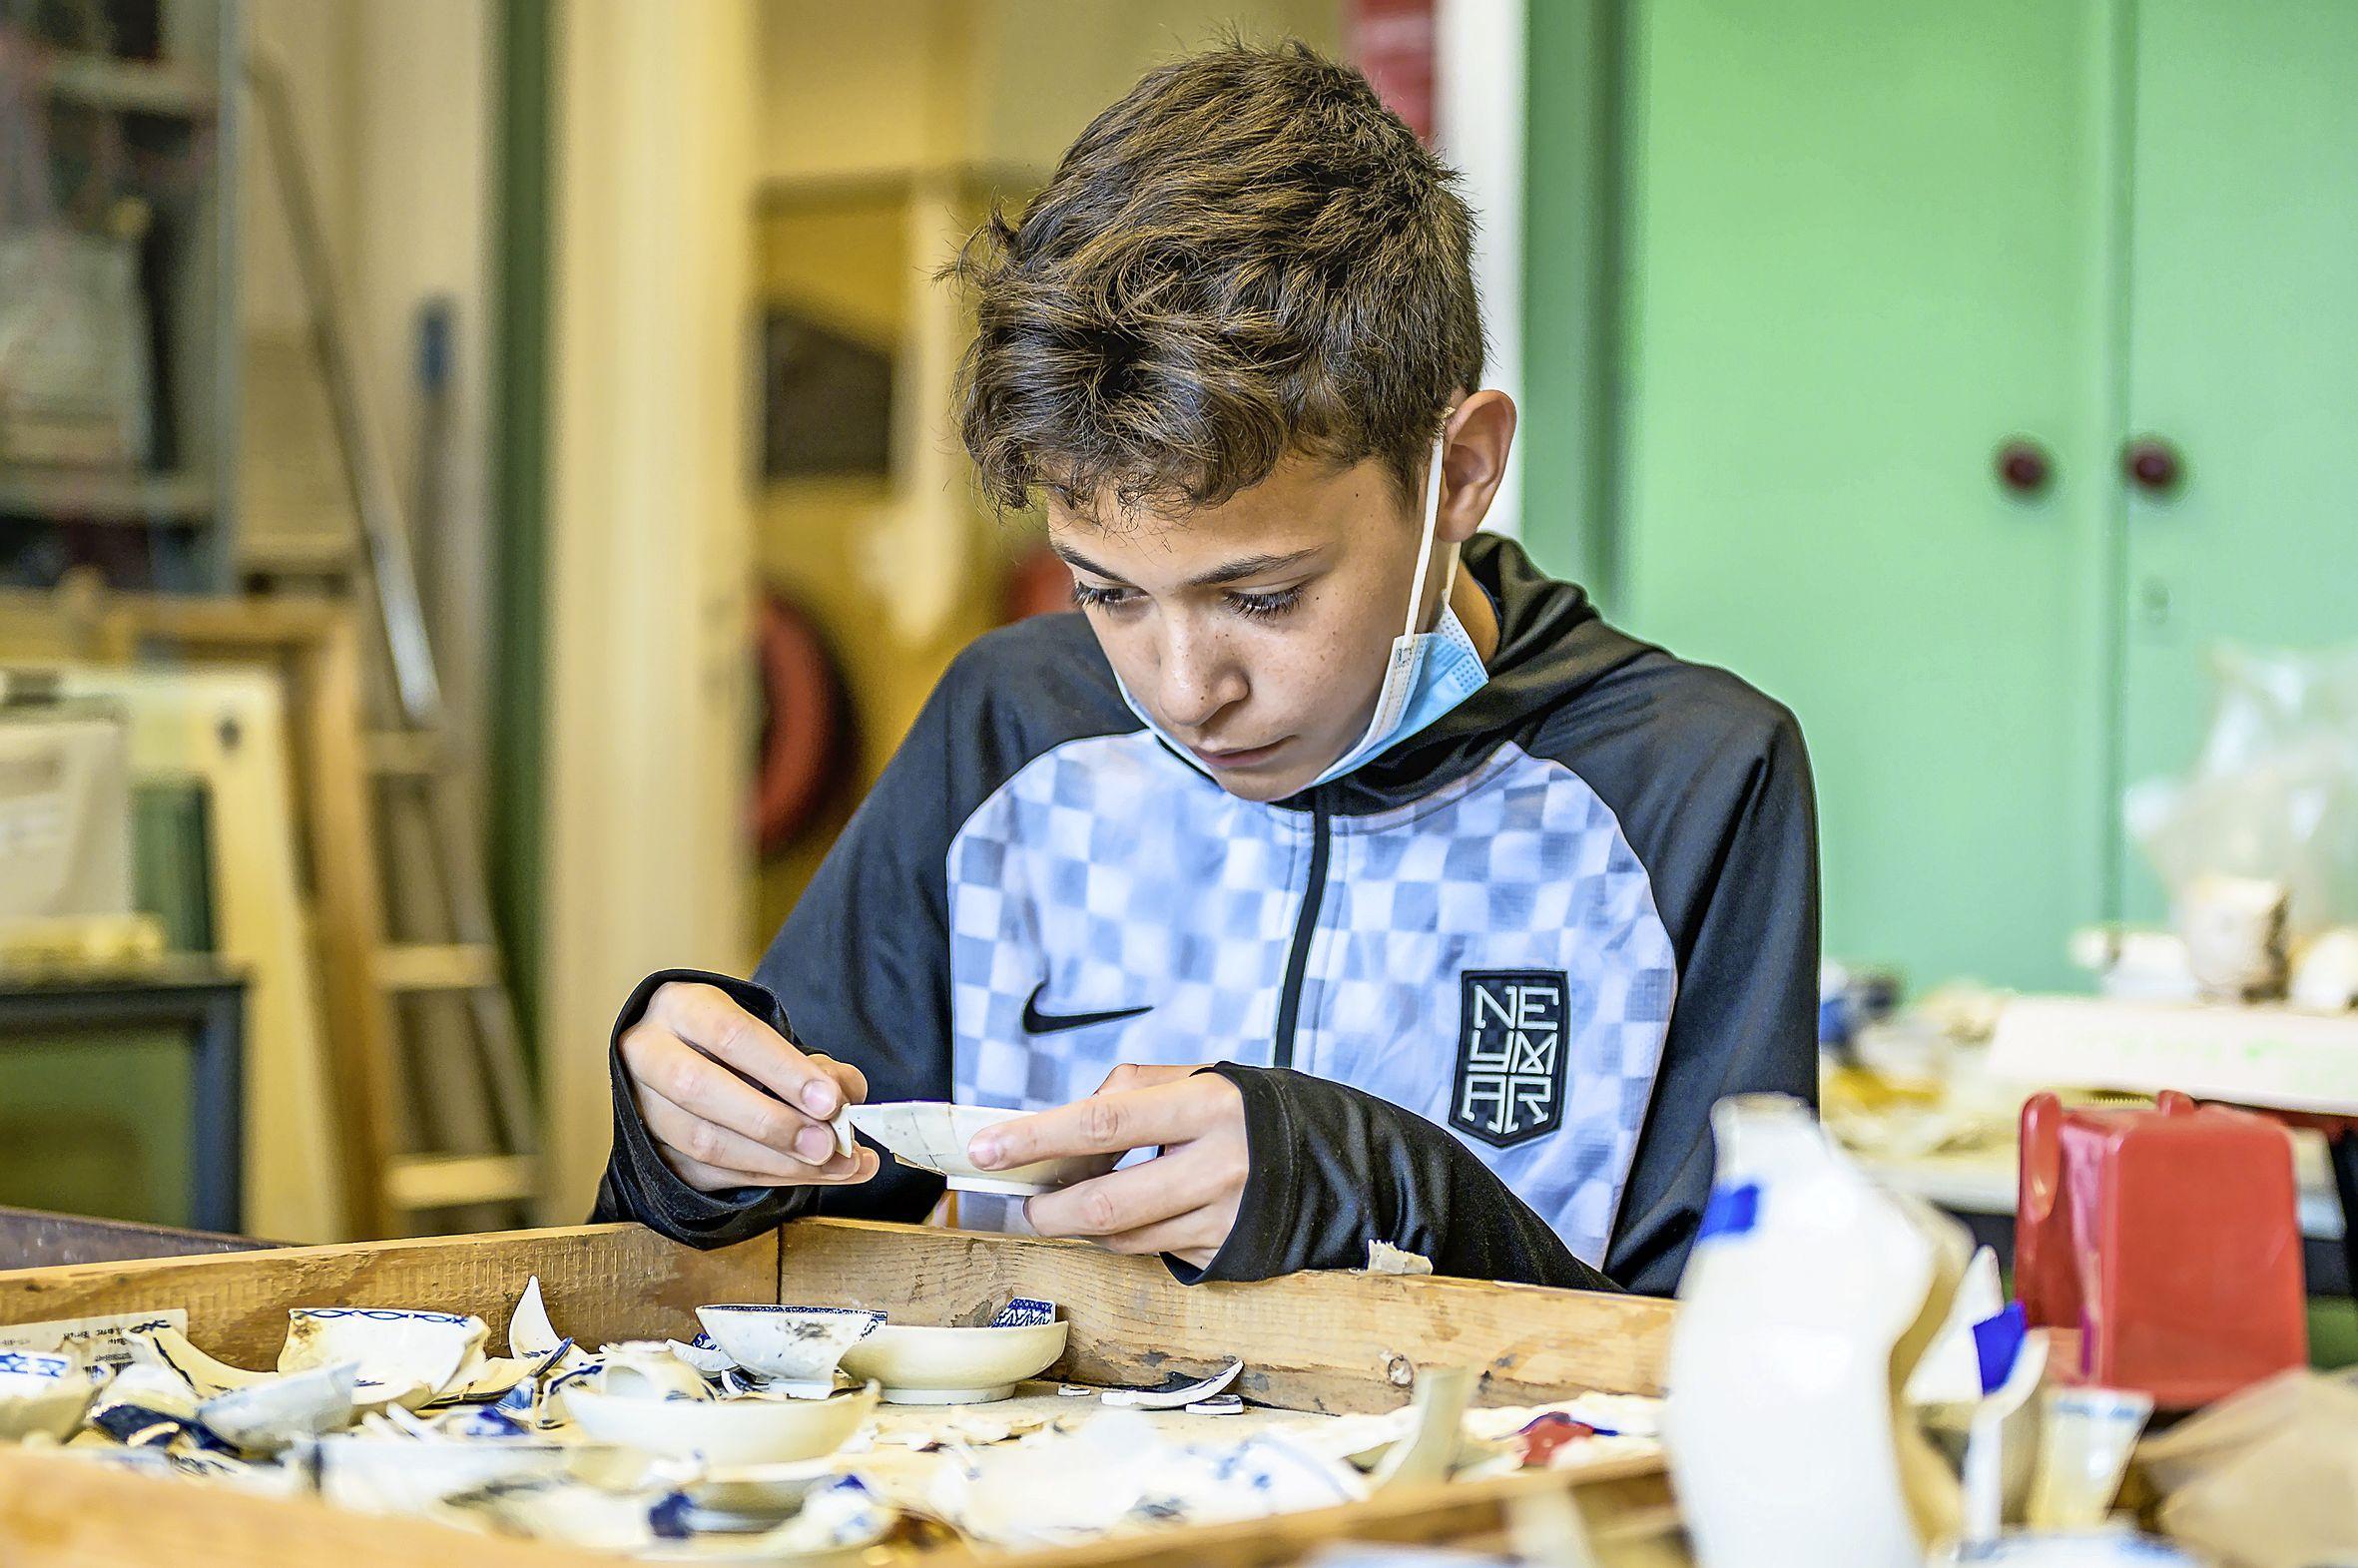 Bezoekers Archeologievereniging in Zaandijk kijken hun ogen uit: 'Als amateur kun je ook dingen vinden waar musea jaloers op zijn'